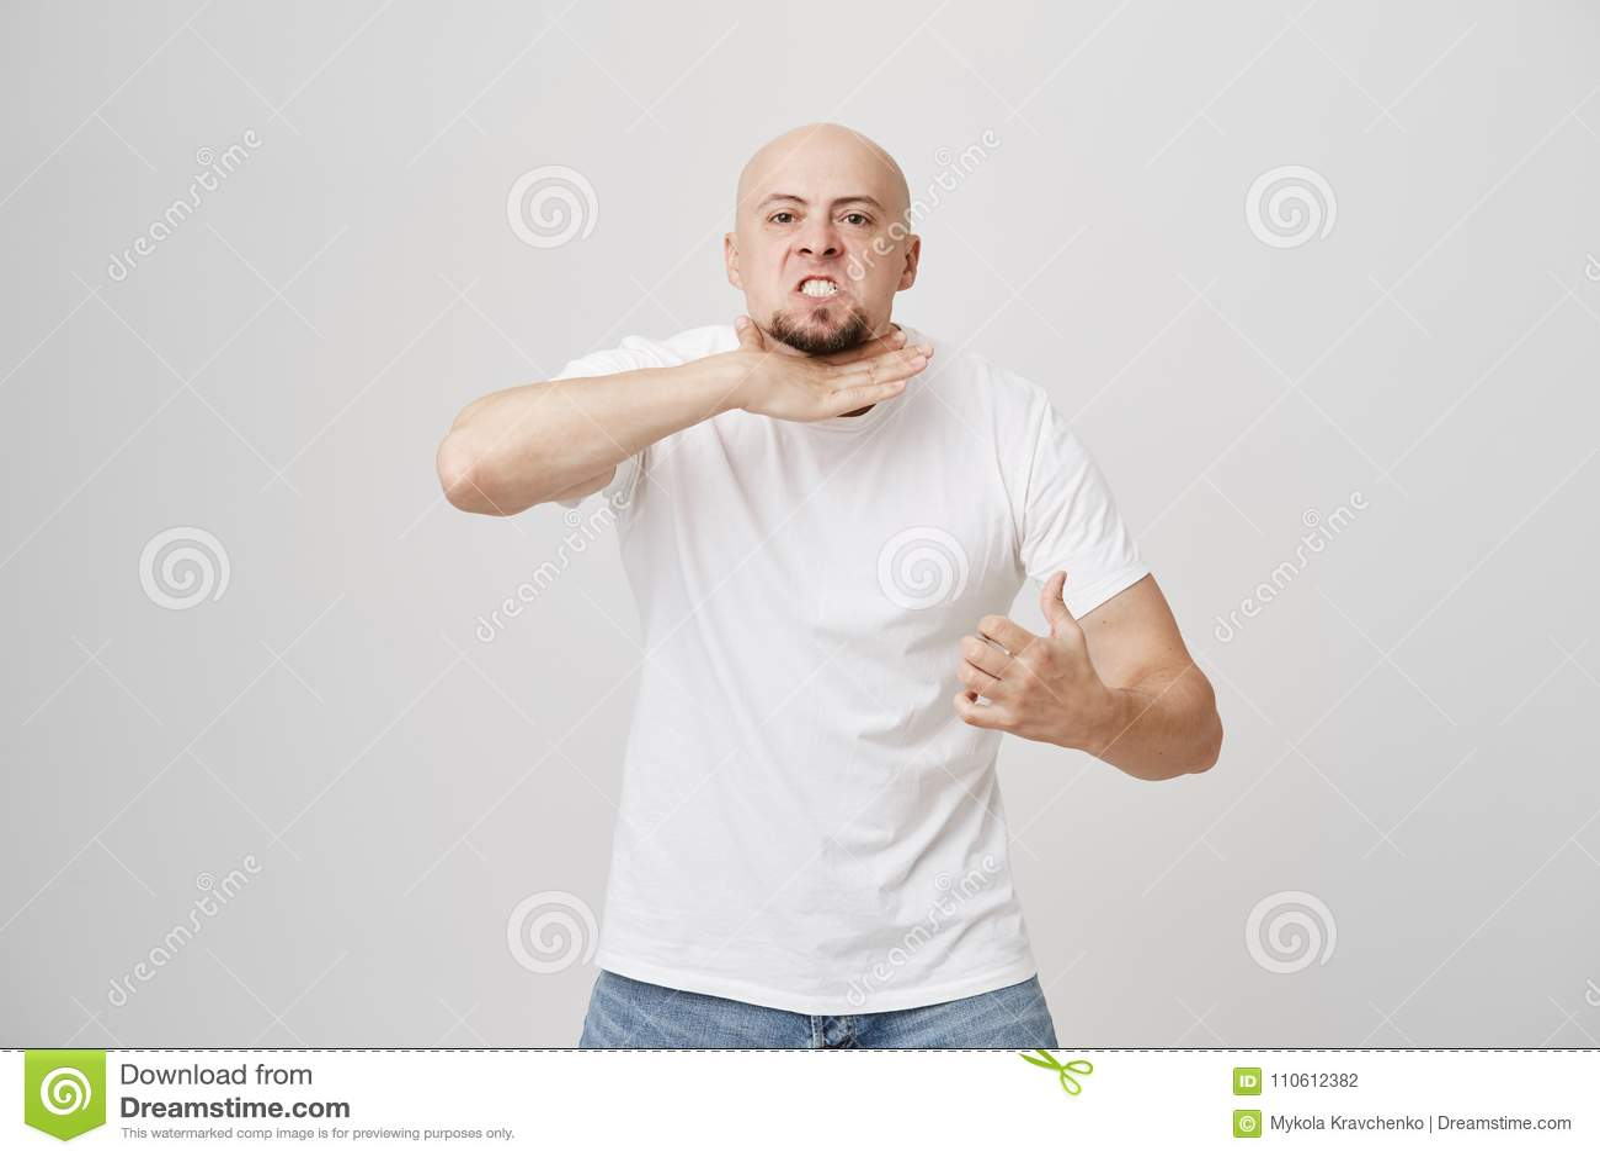 Portret van de boze geërgerde kale mens met baard die alsof scherpe hals aantonen gesturing, die dat hij omhoog wordt gevoed en,